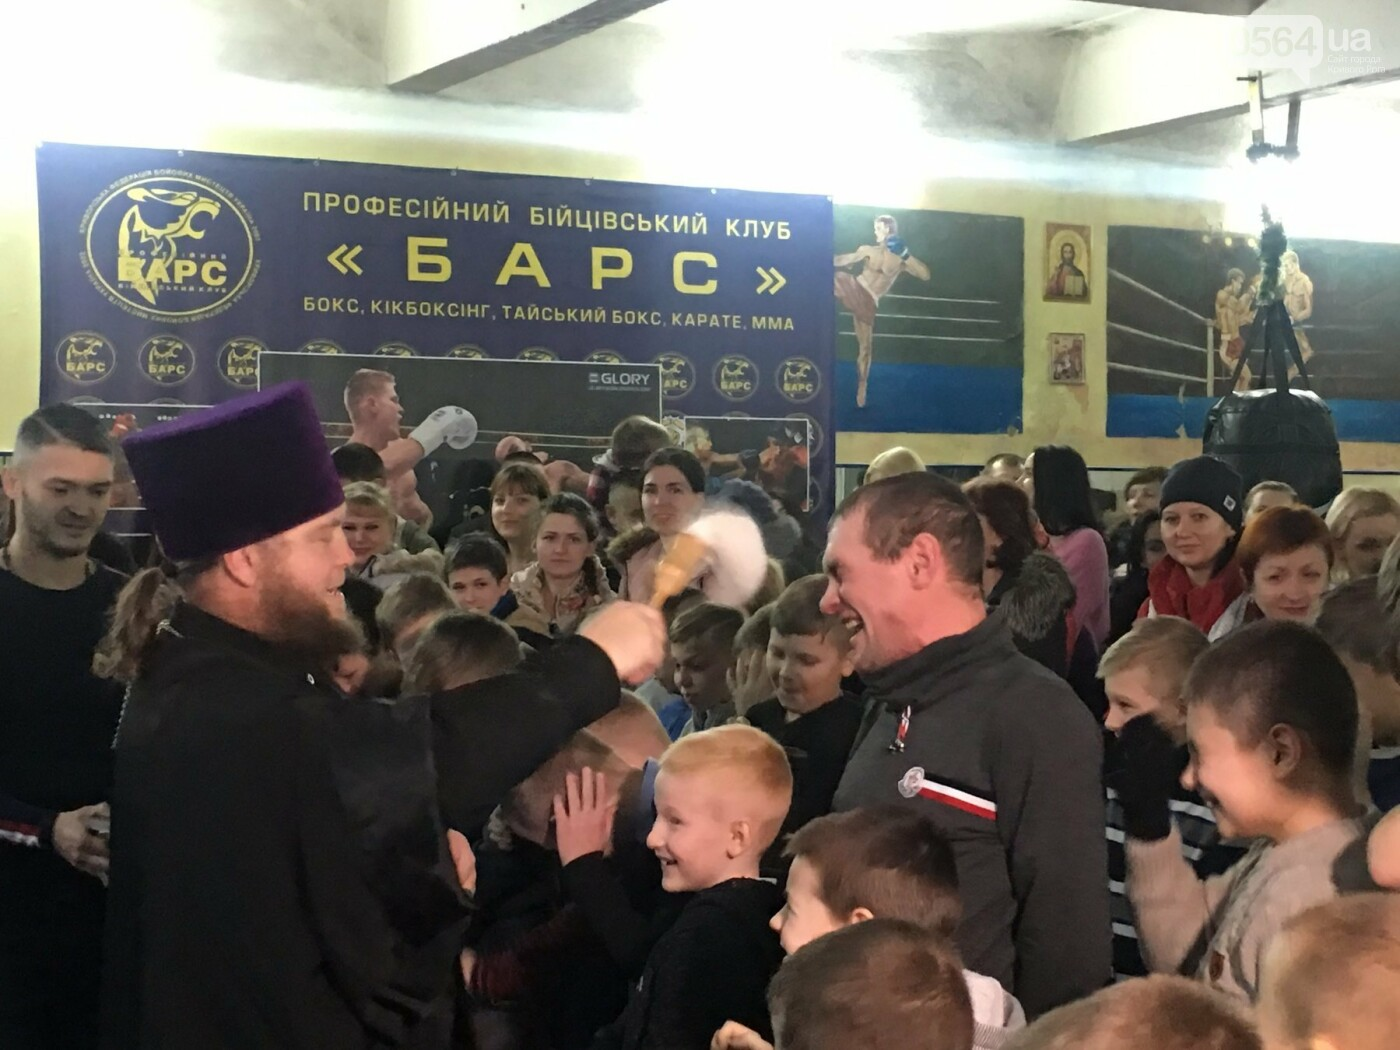 Чемпионы мира, Европы, Украины: в криворожском бойцовском клубе подвели итоги 2018 года, - ФОТО , фото-2